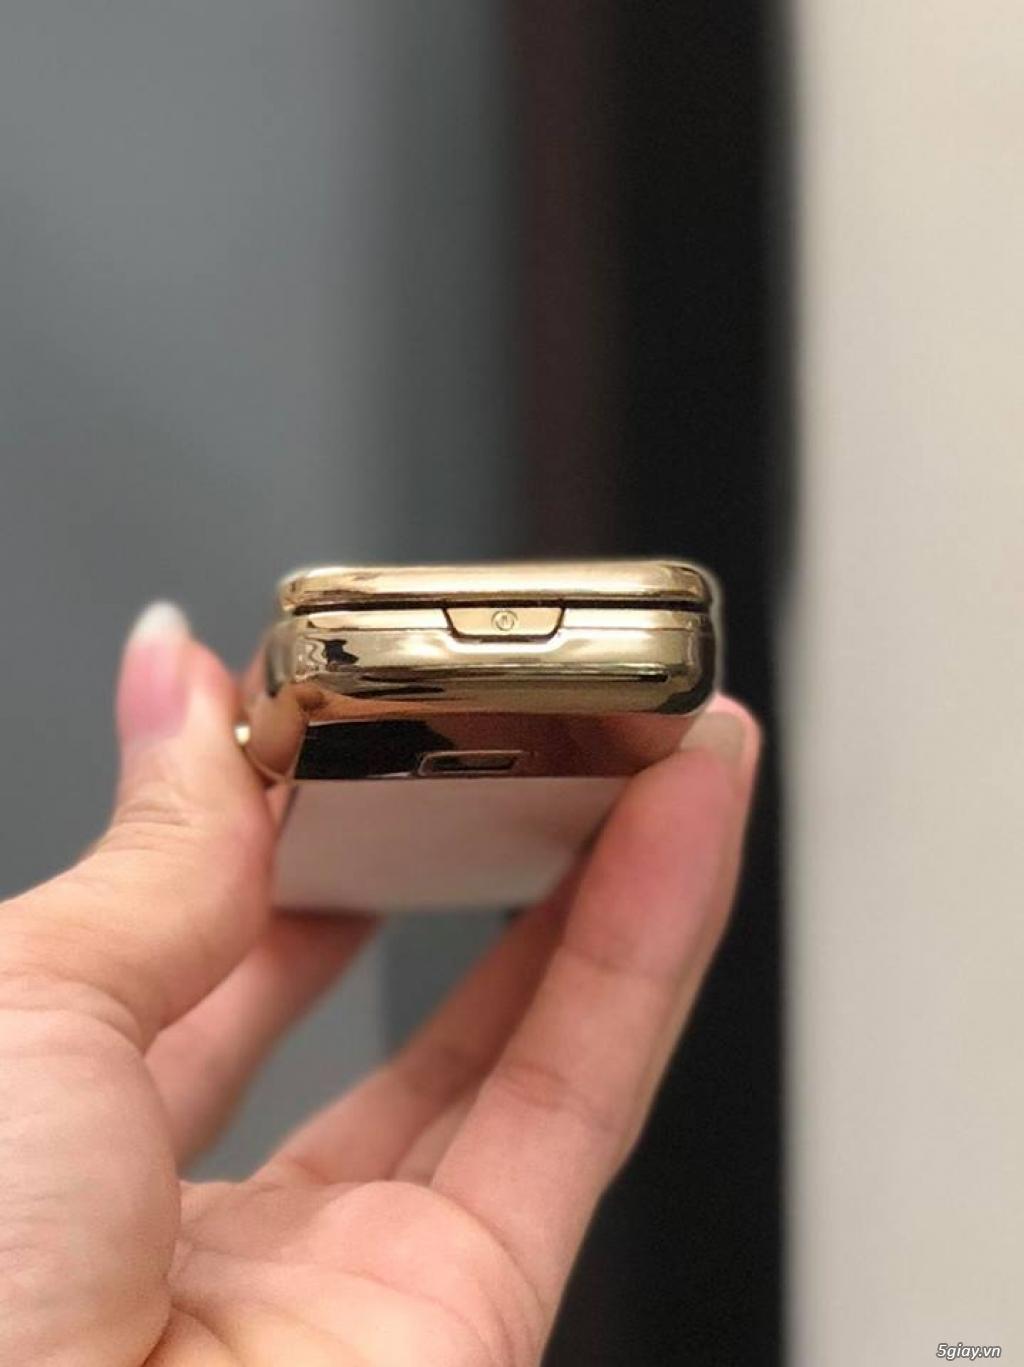 Nokia 8800 Arte Gold Chính Hãng Giá Rẻ Cho anh em Đam mê